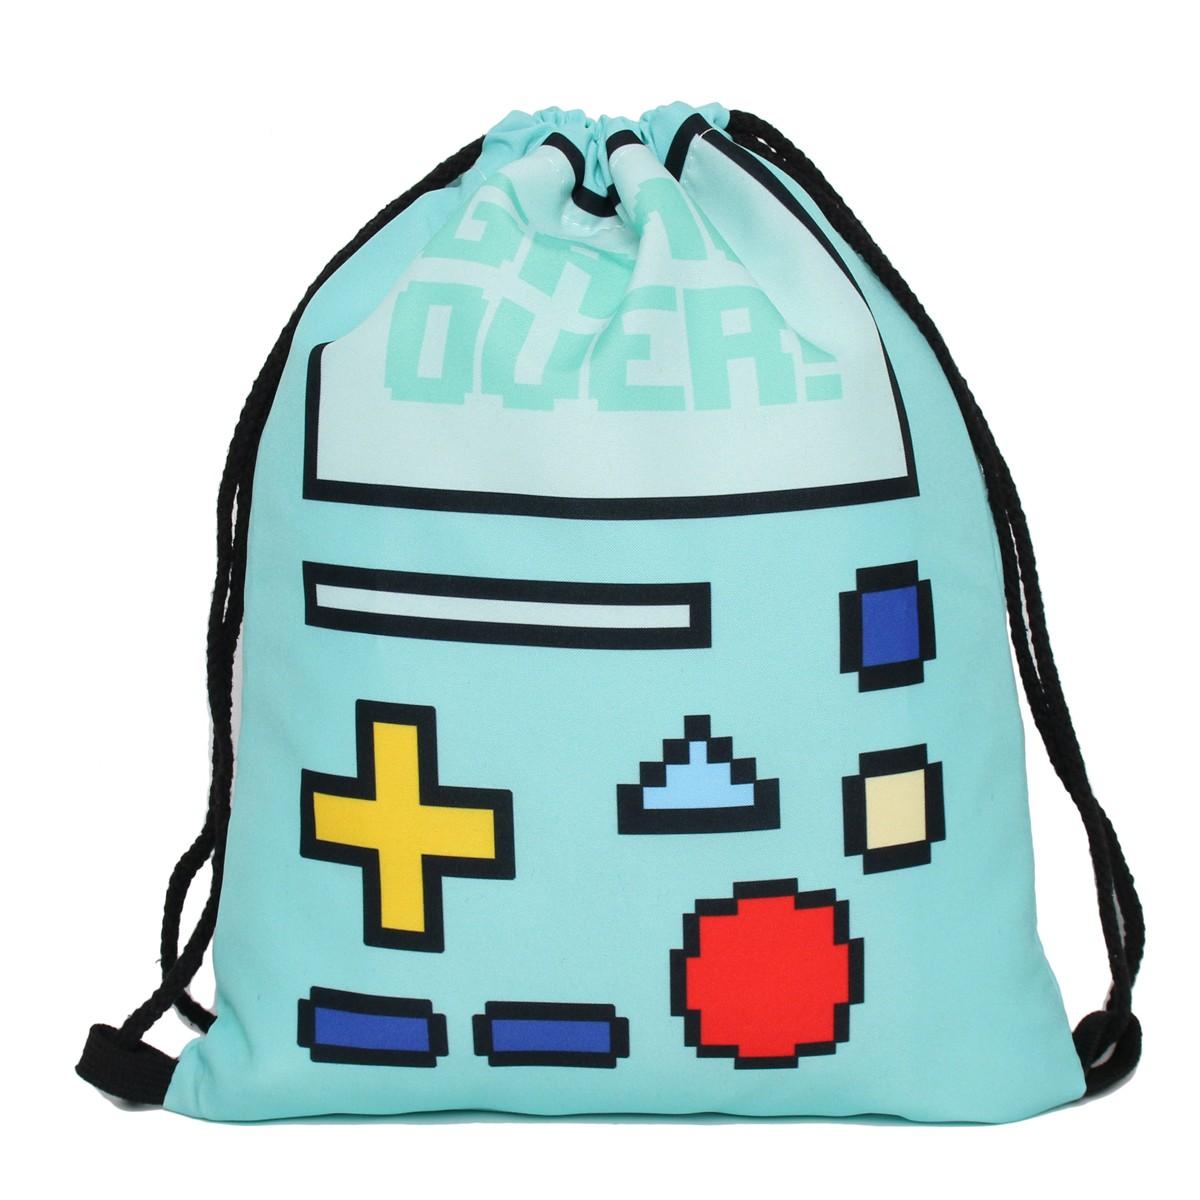 Купить сумку-мешок для сменной обуви Game Over